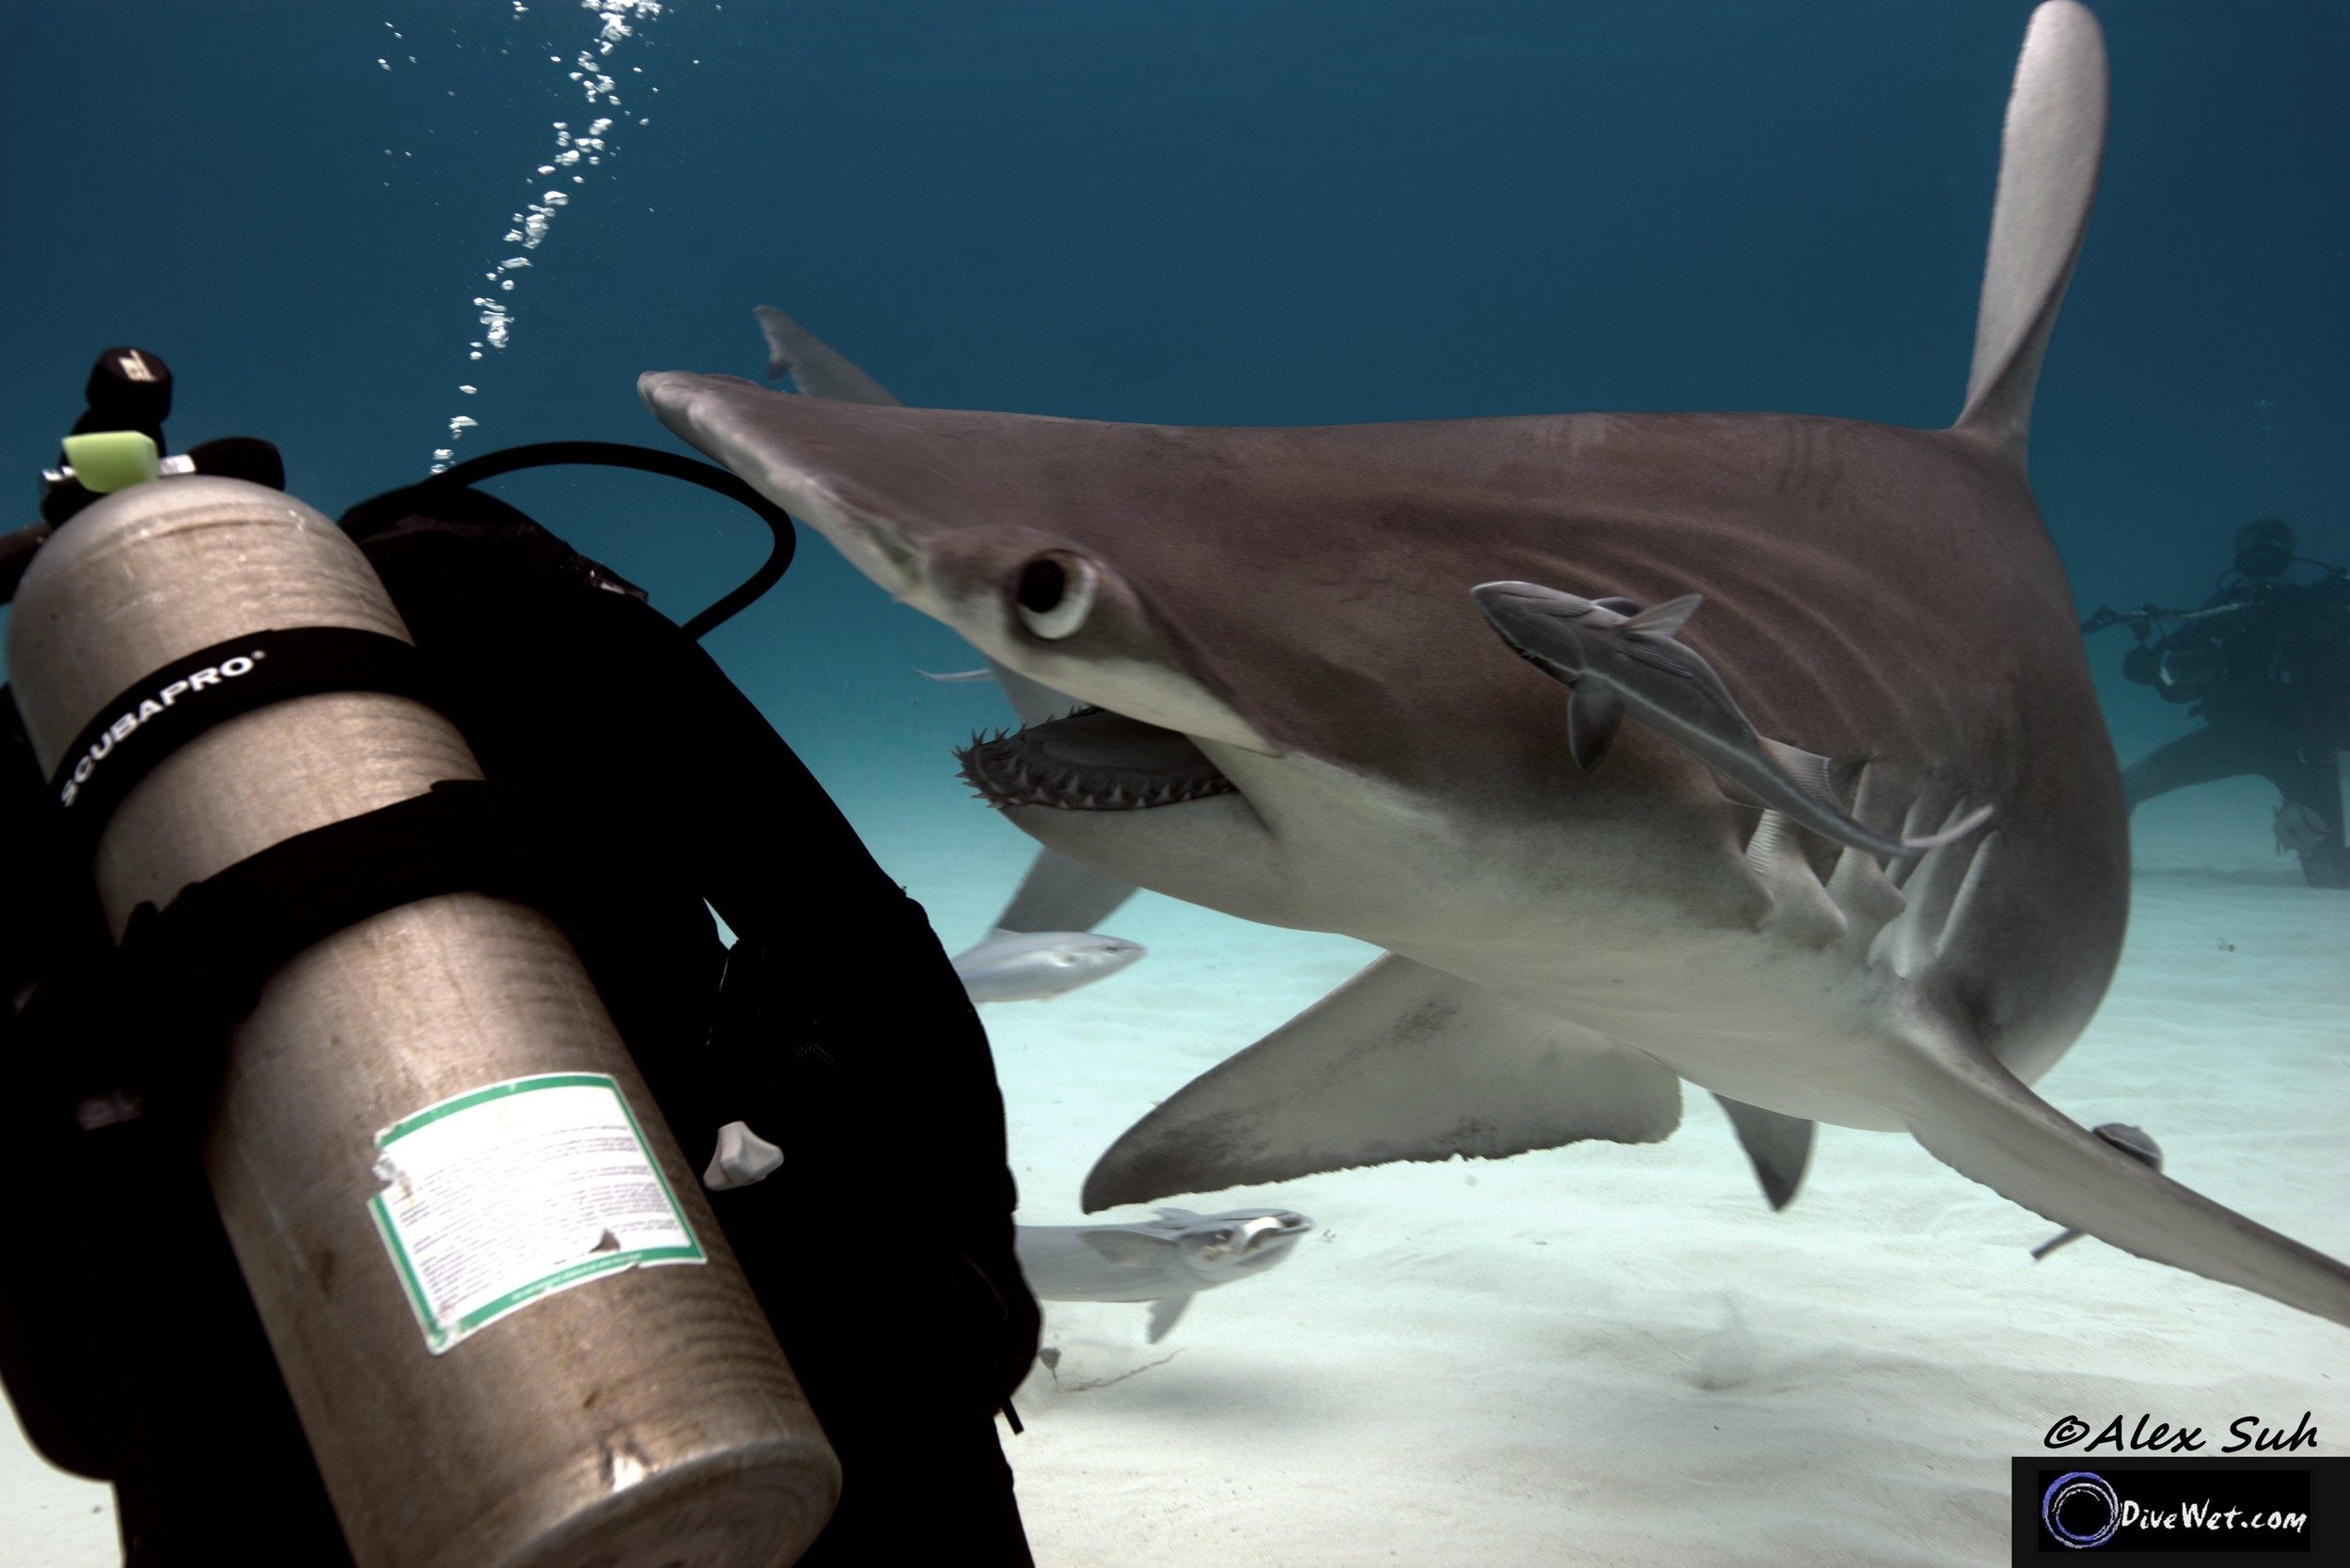 Great Hammerhead Shark (Sphyrna mokorran) - Lost My Head, haha